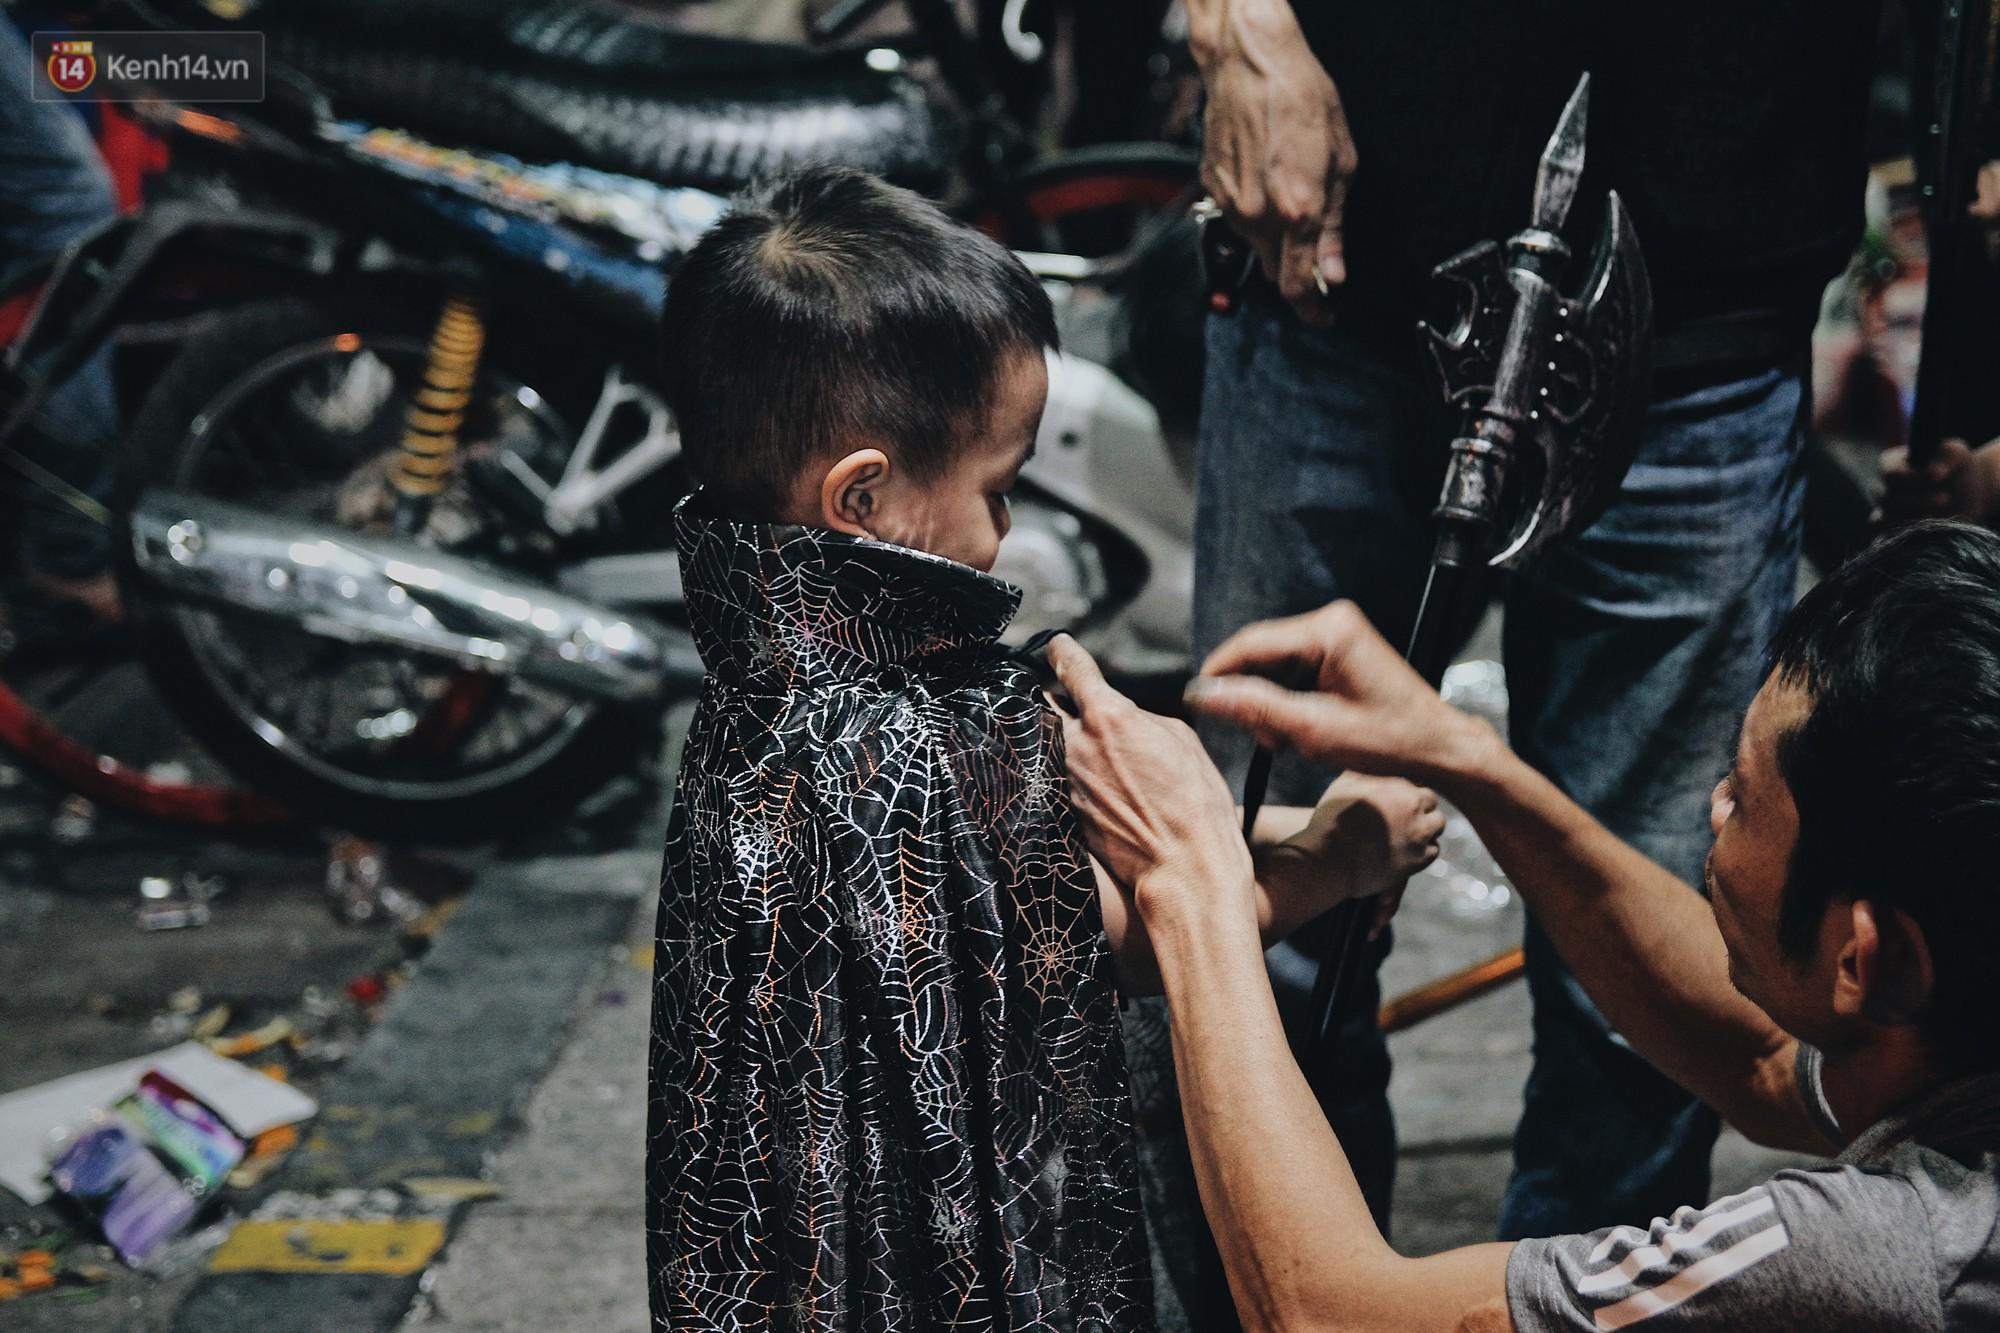 Hình ảnh Halloween tại phố Hàng Mã Hà Nội - Ảnh 13.